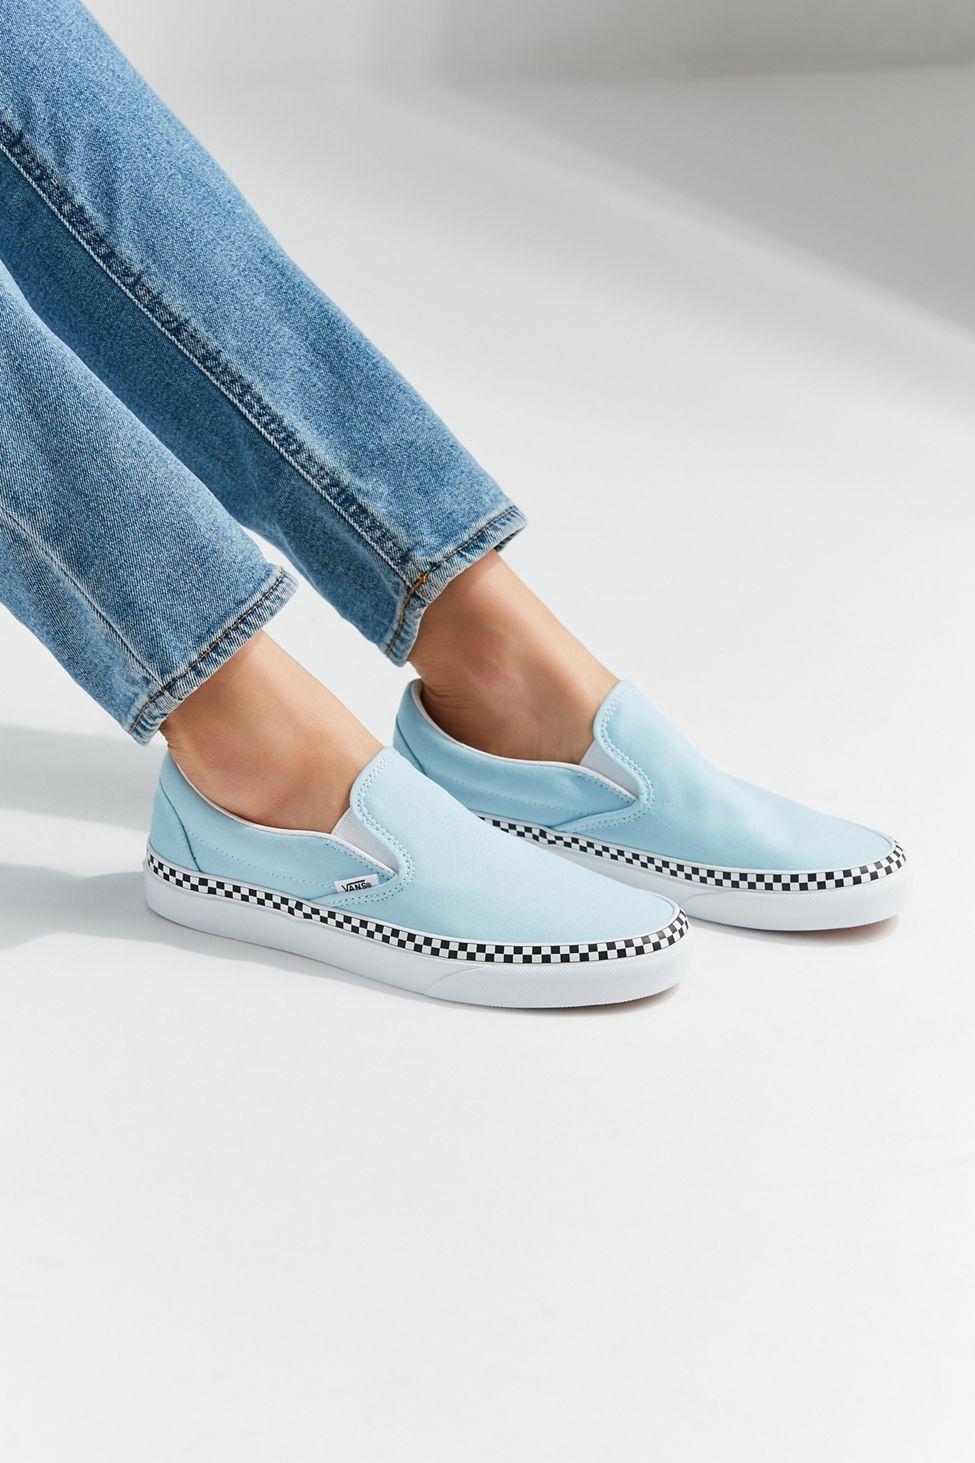 273e7dd0abd Vans Checkerboard Sidewall Slip-On Sneaker in 2019